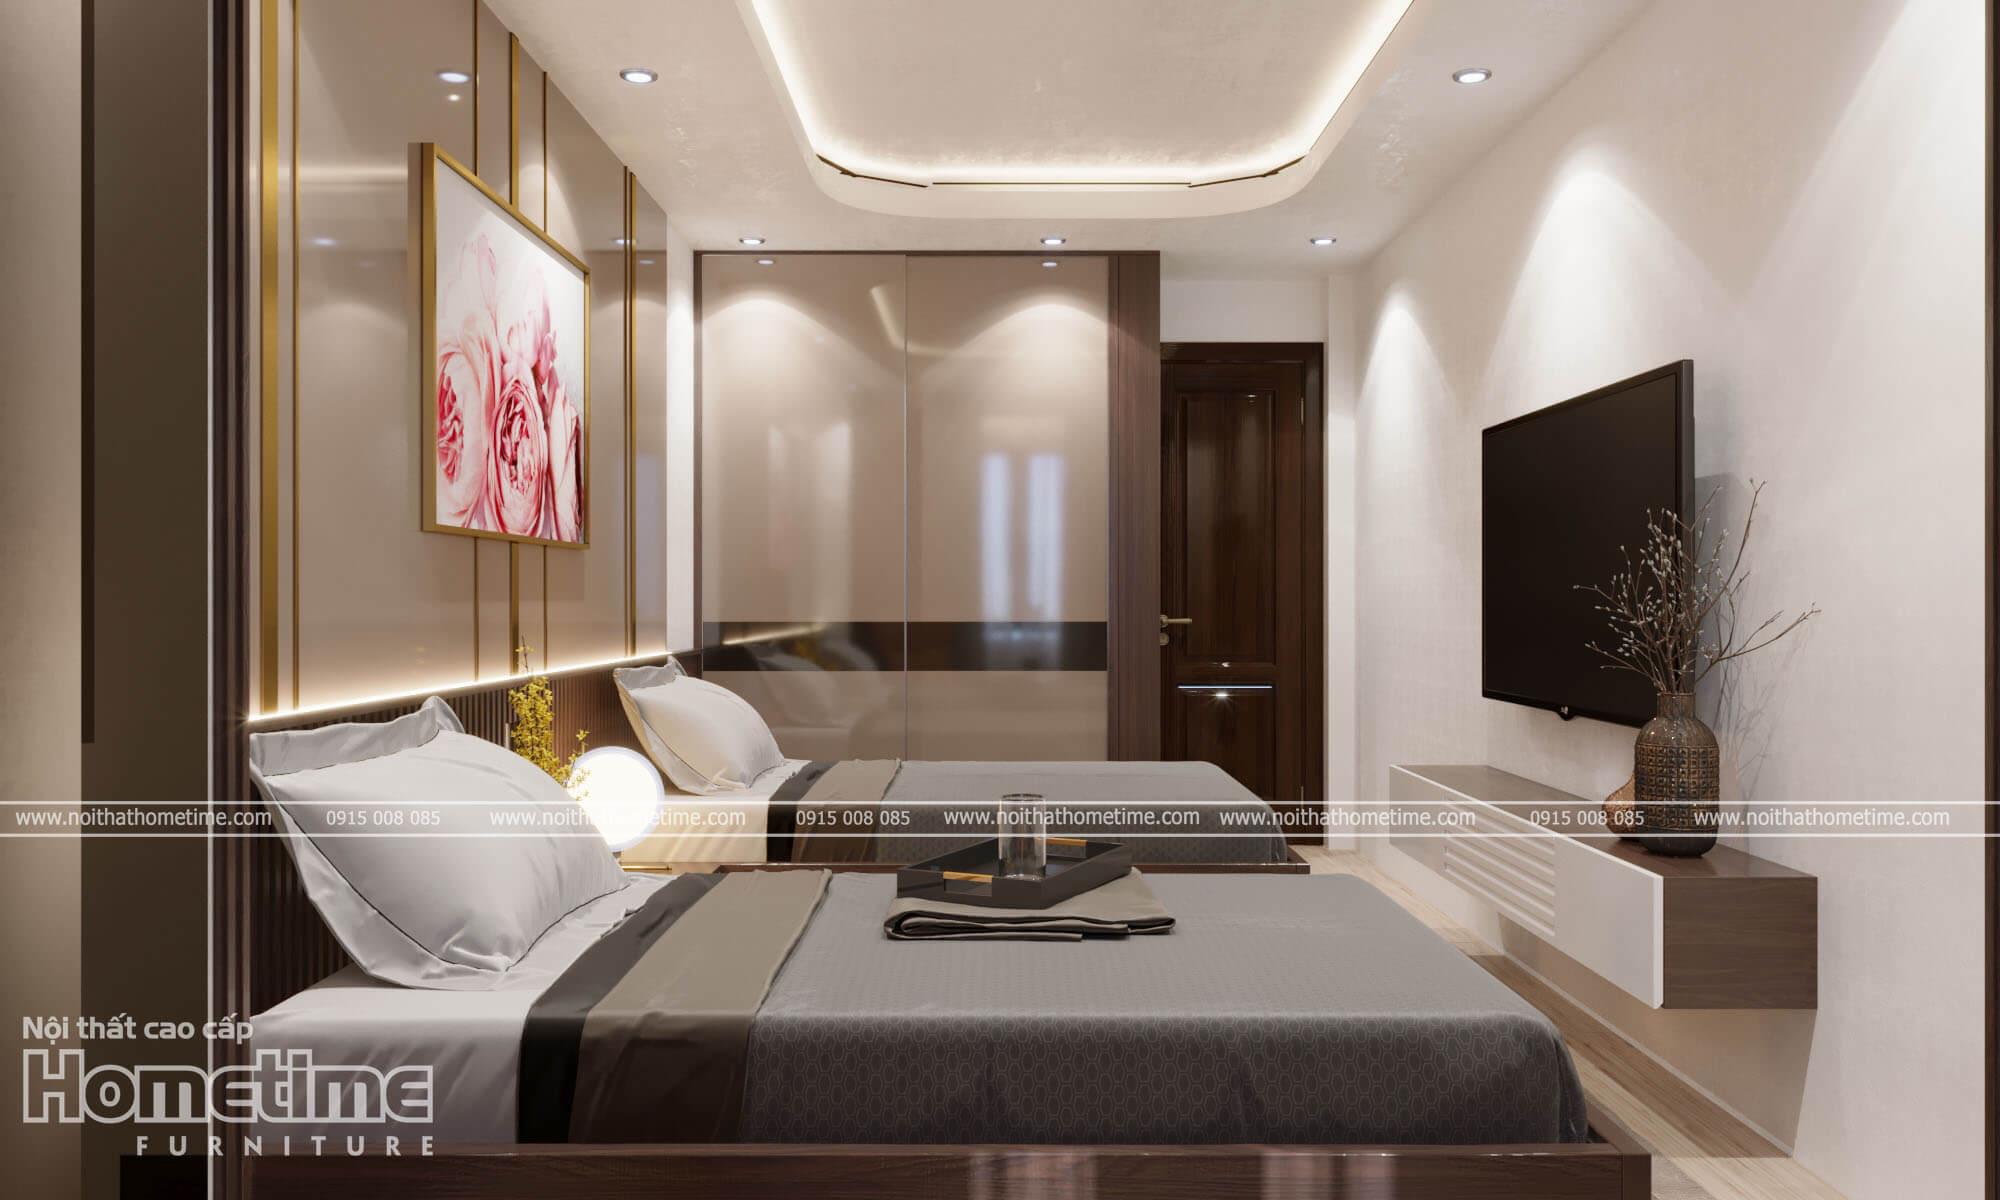 Chất liệu thi công nội thất phòng ngủ gỗ MDF chống ẩm